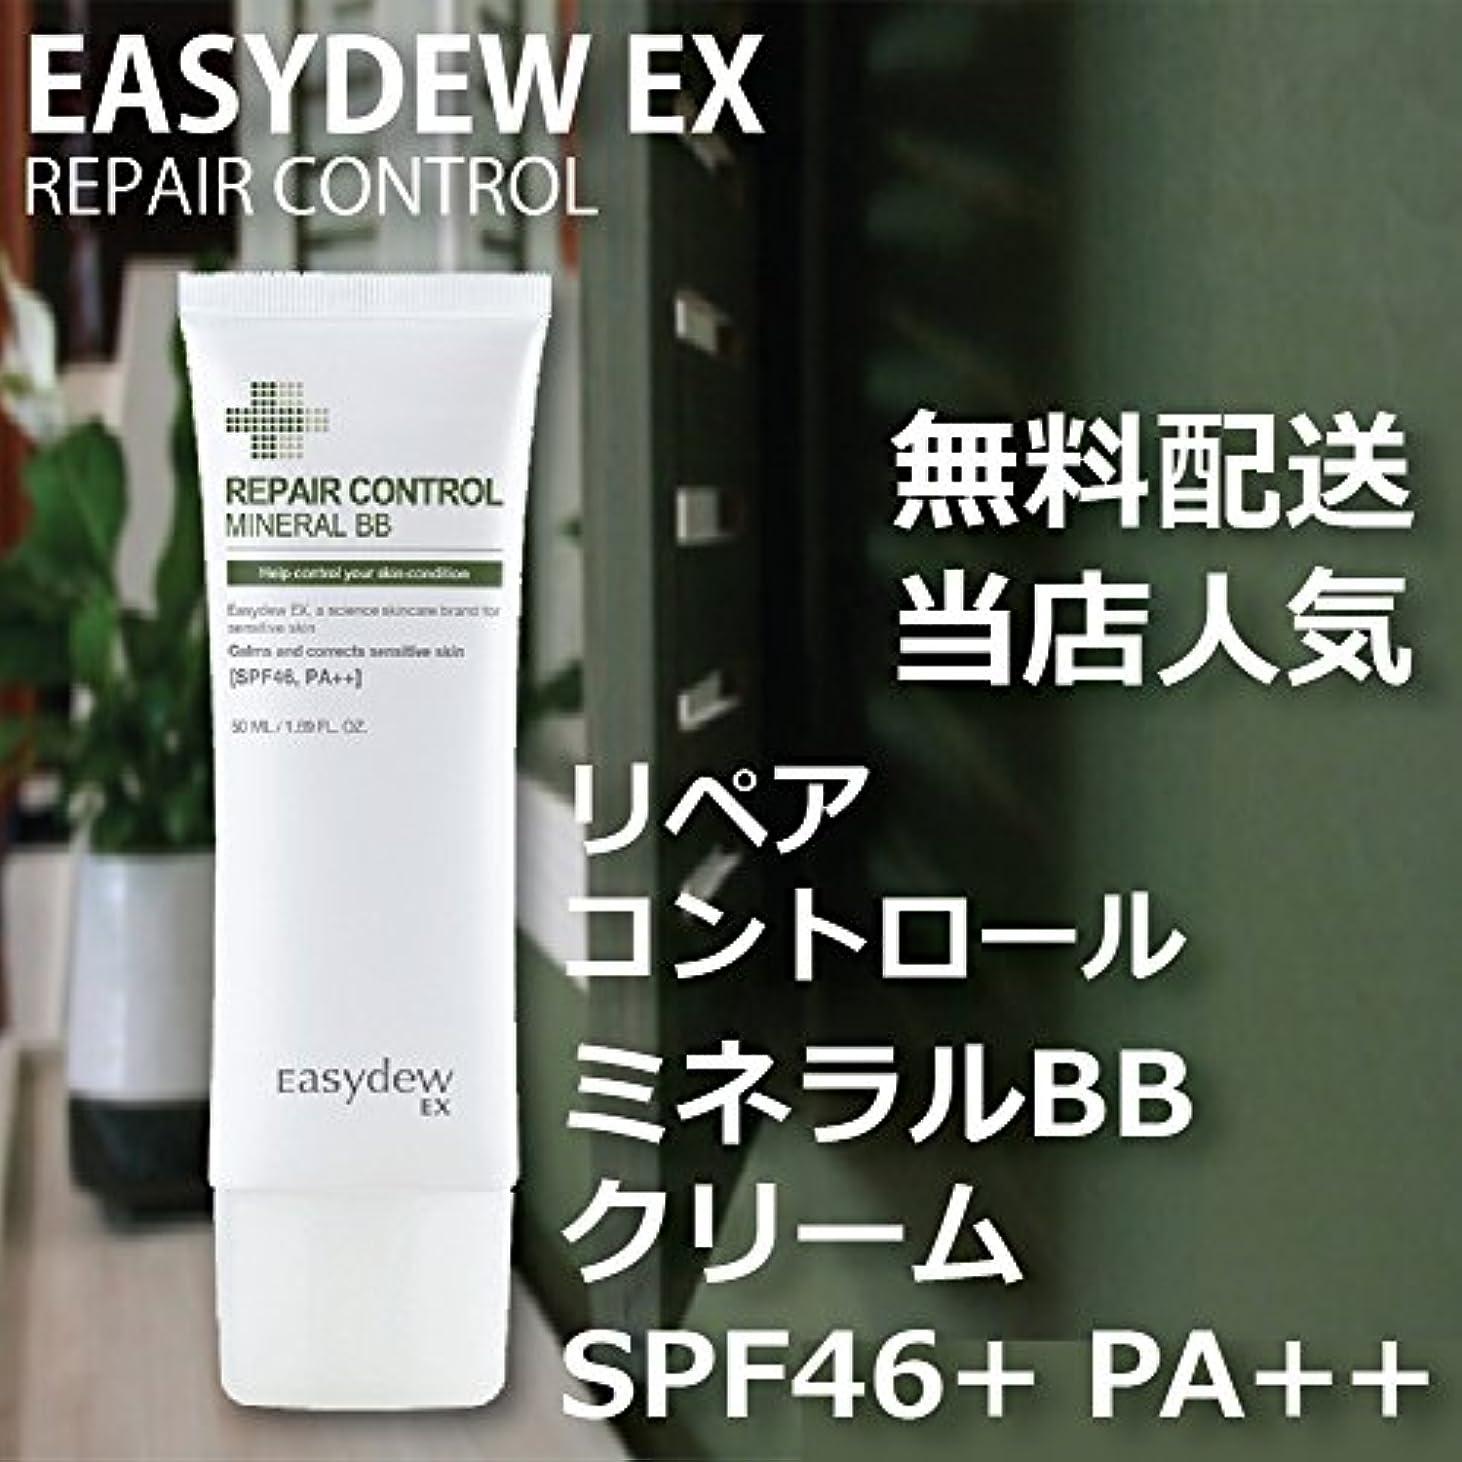 年金受給者の配列インテリアEASY DEW EX ミネラル BBクリーム SPF46+ PA++ 50ml MINRAL BB CREAM 韓国 人気 コスメ イージーデュー 敏感 乾燥 美白 しわ 3重機能性